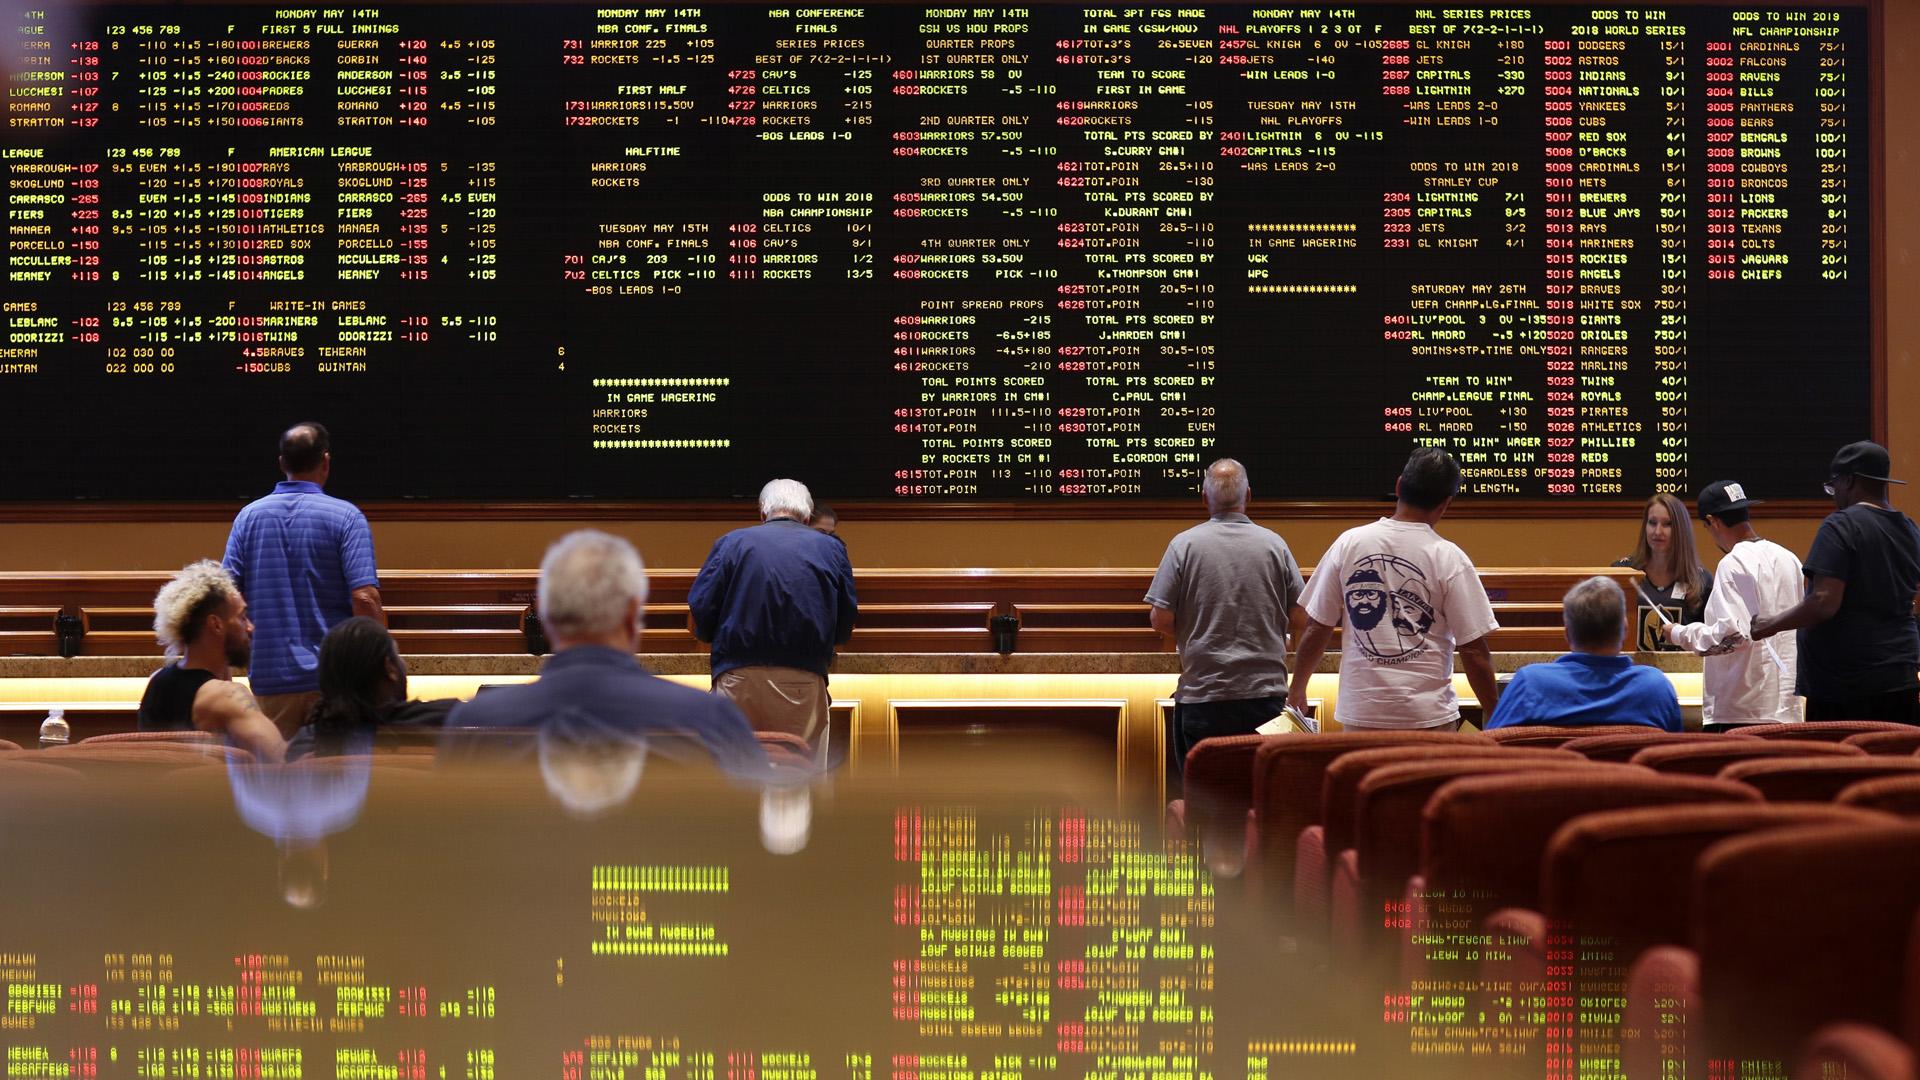 las vegas sports betting 051418 AP_1549049654677